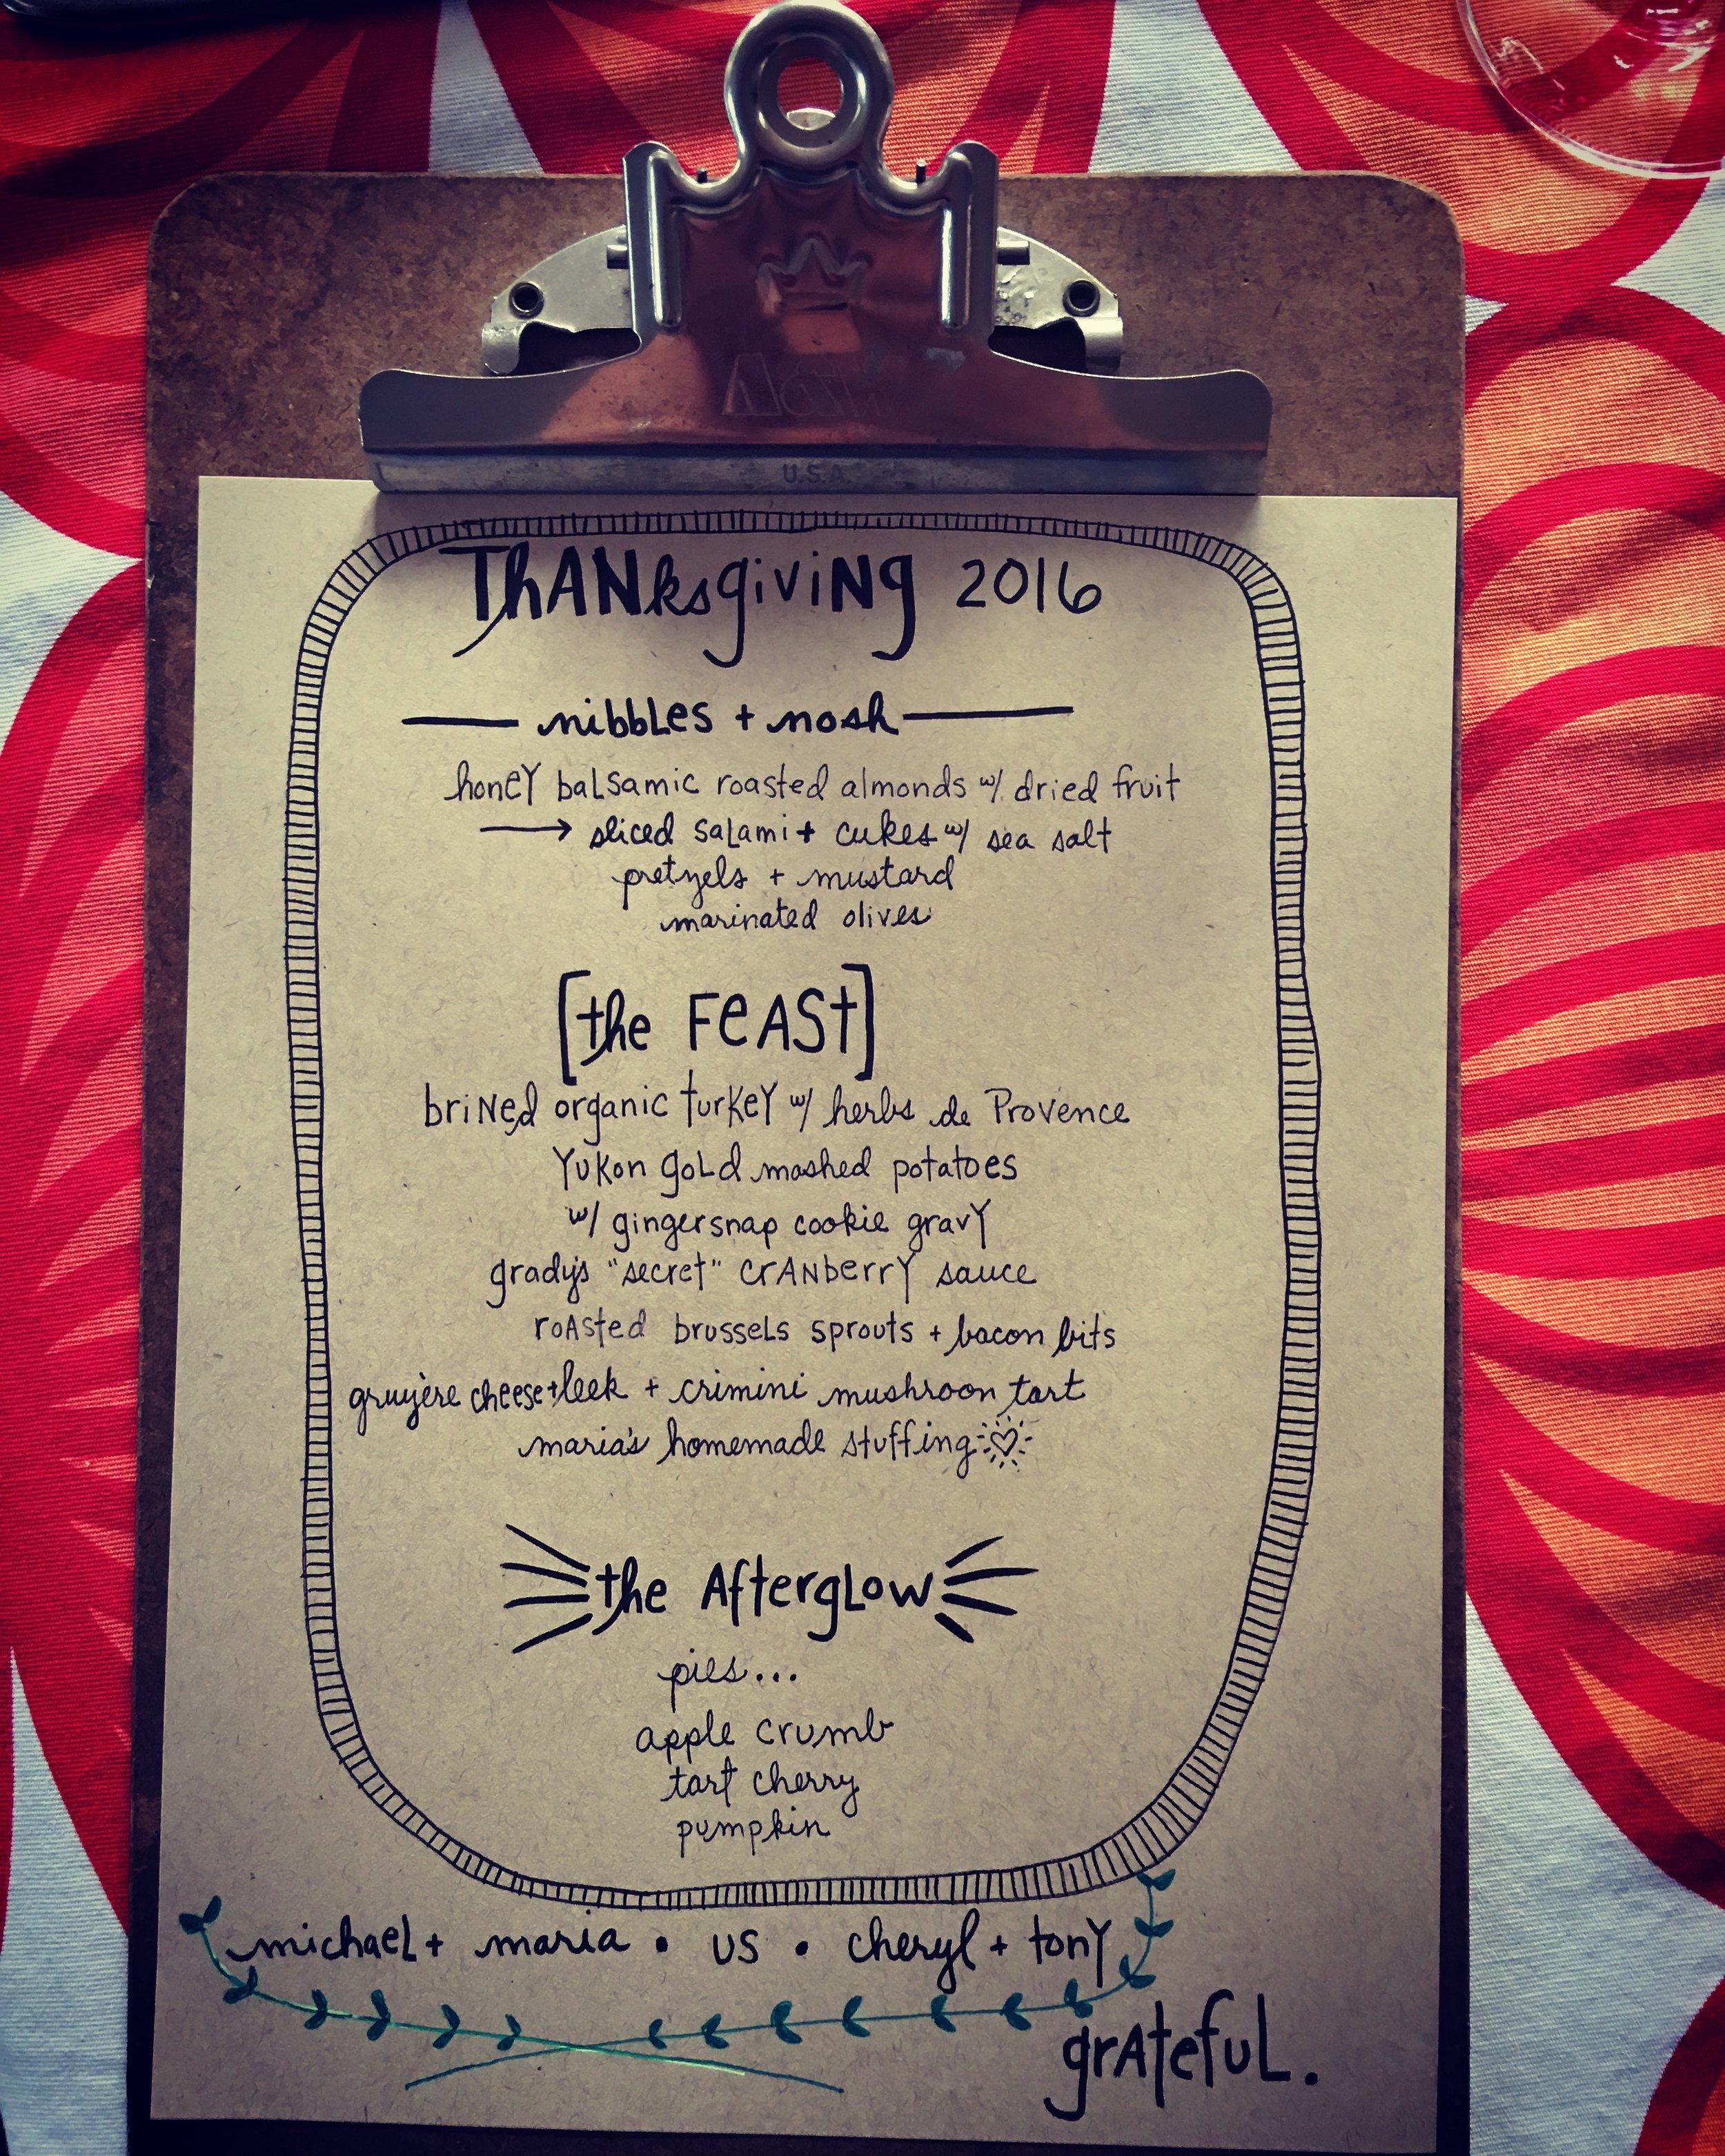 Thanksgiving Day Menu 2016